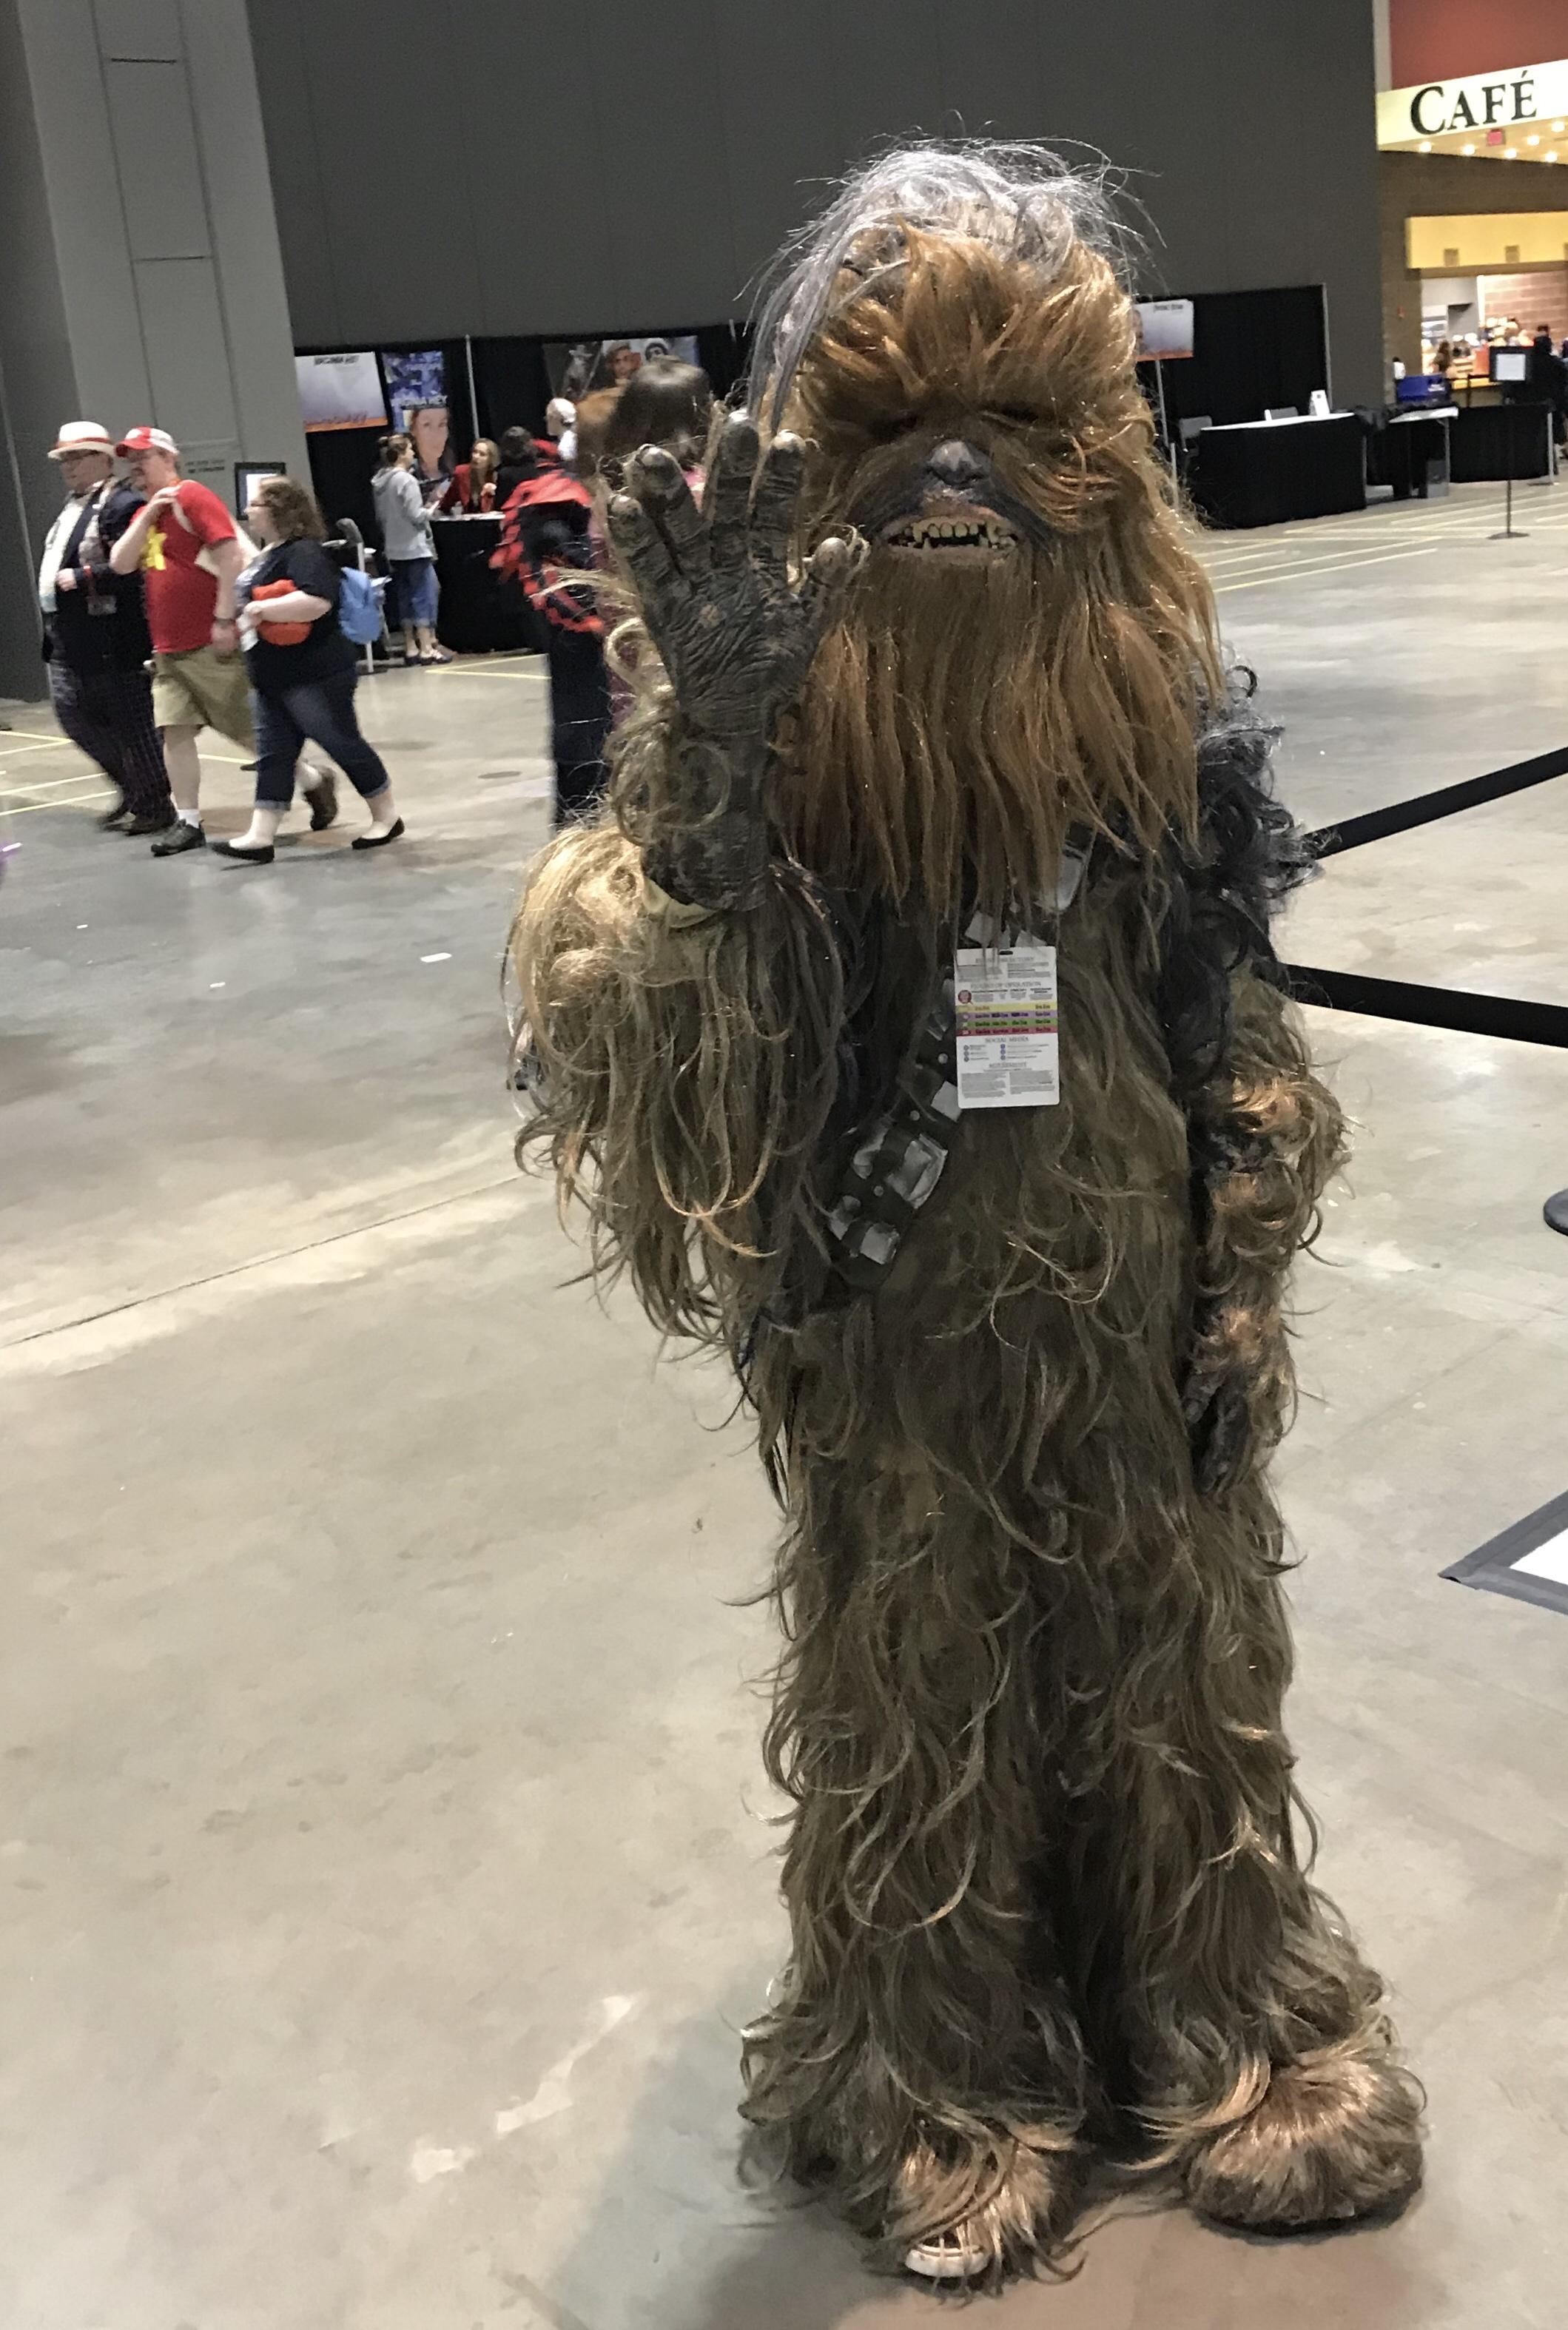 Chewbacca.